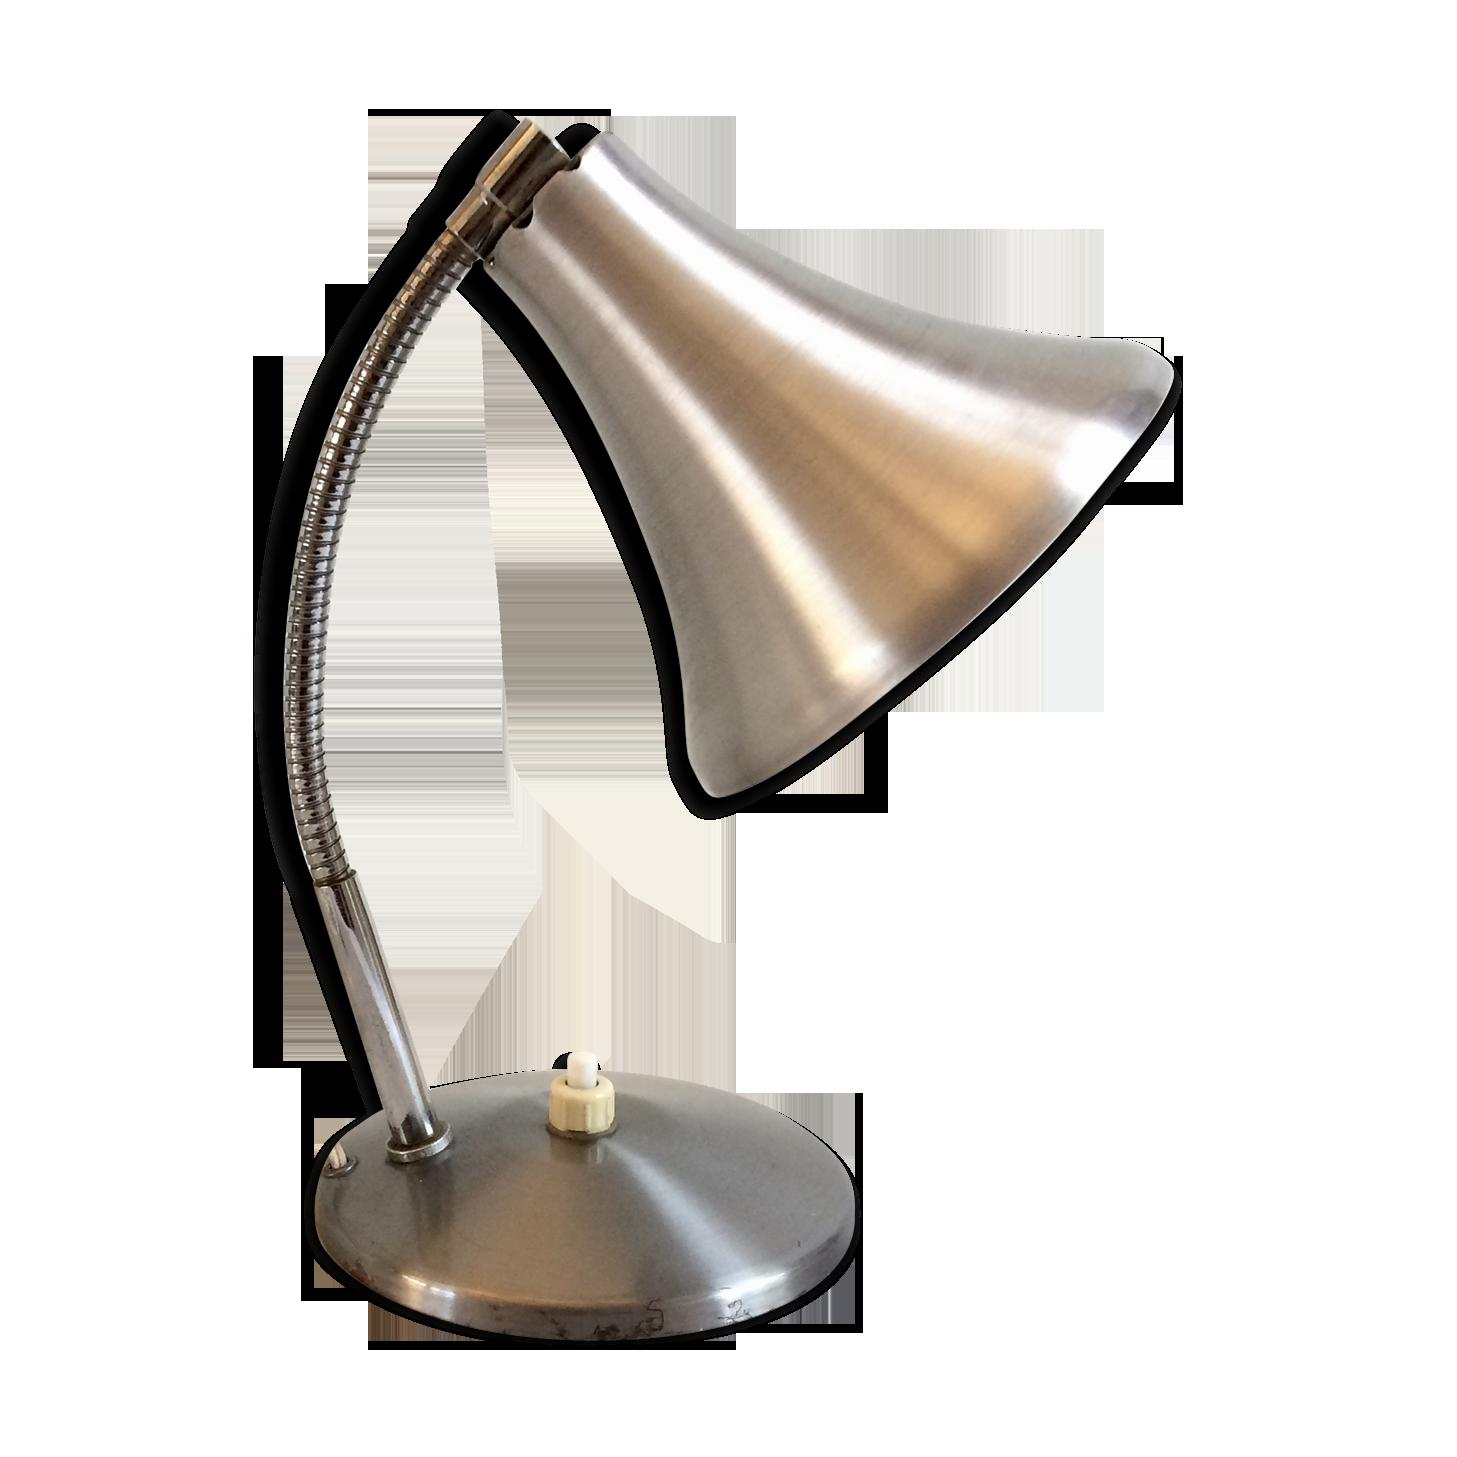 Lampe de bureau diffuseur tulipe vintage alu brossé métal